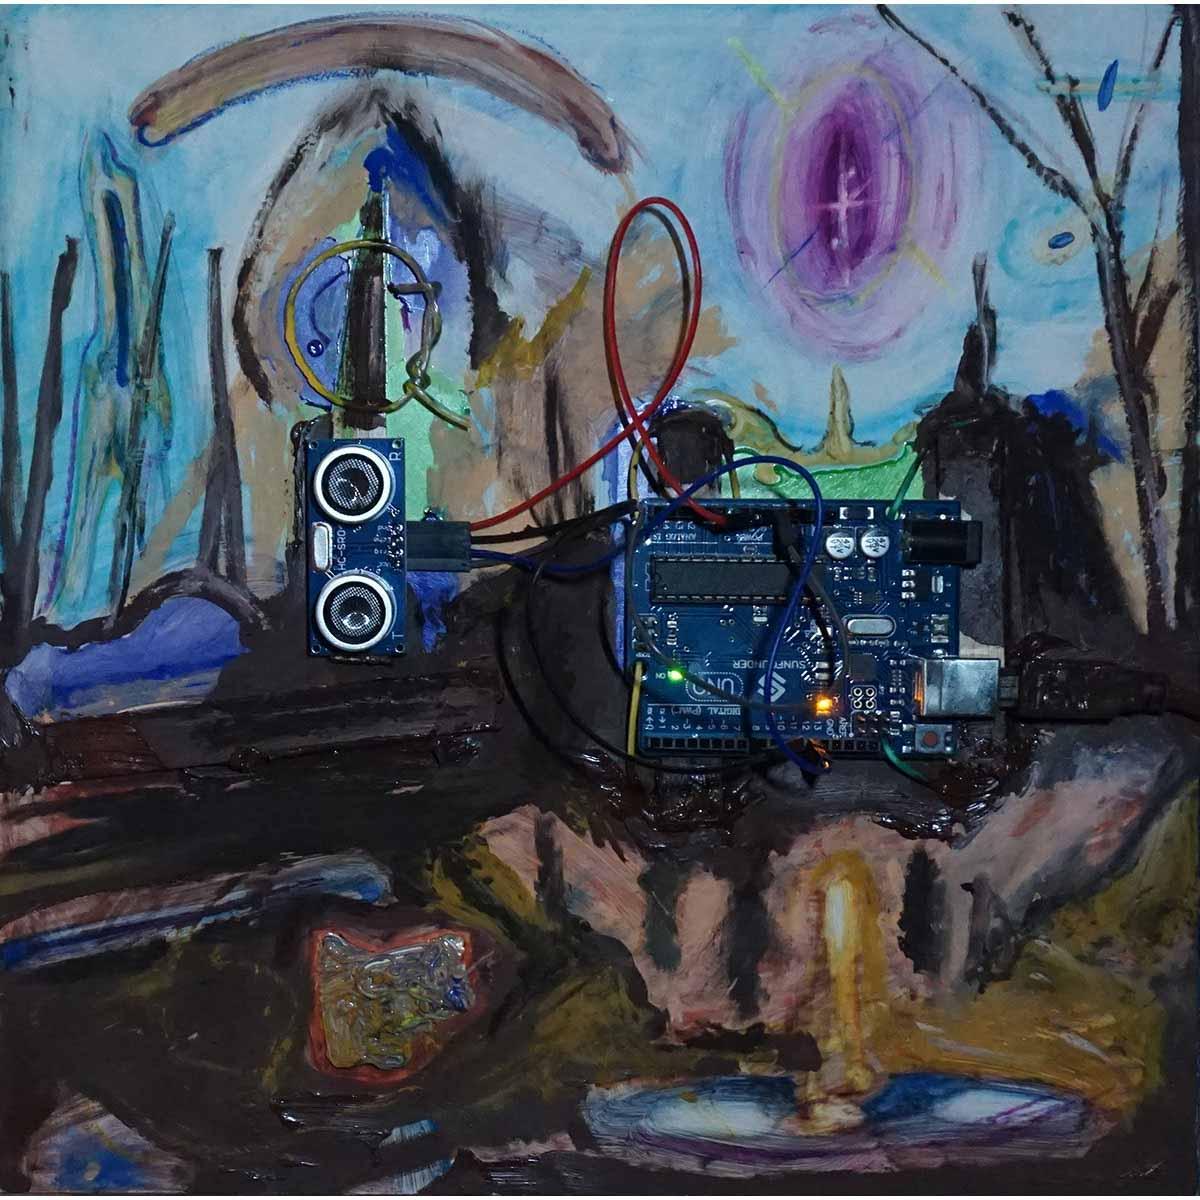 Webcam ezra Ezra